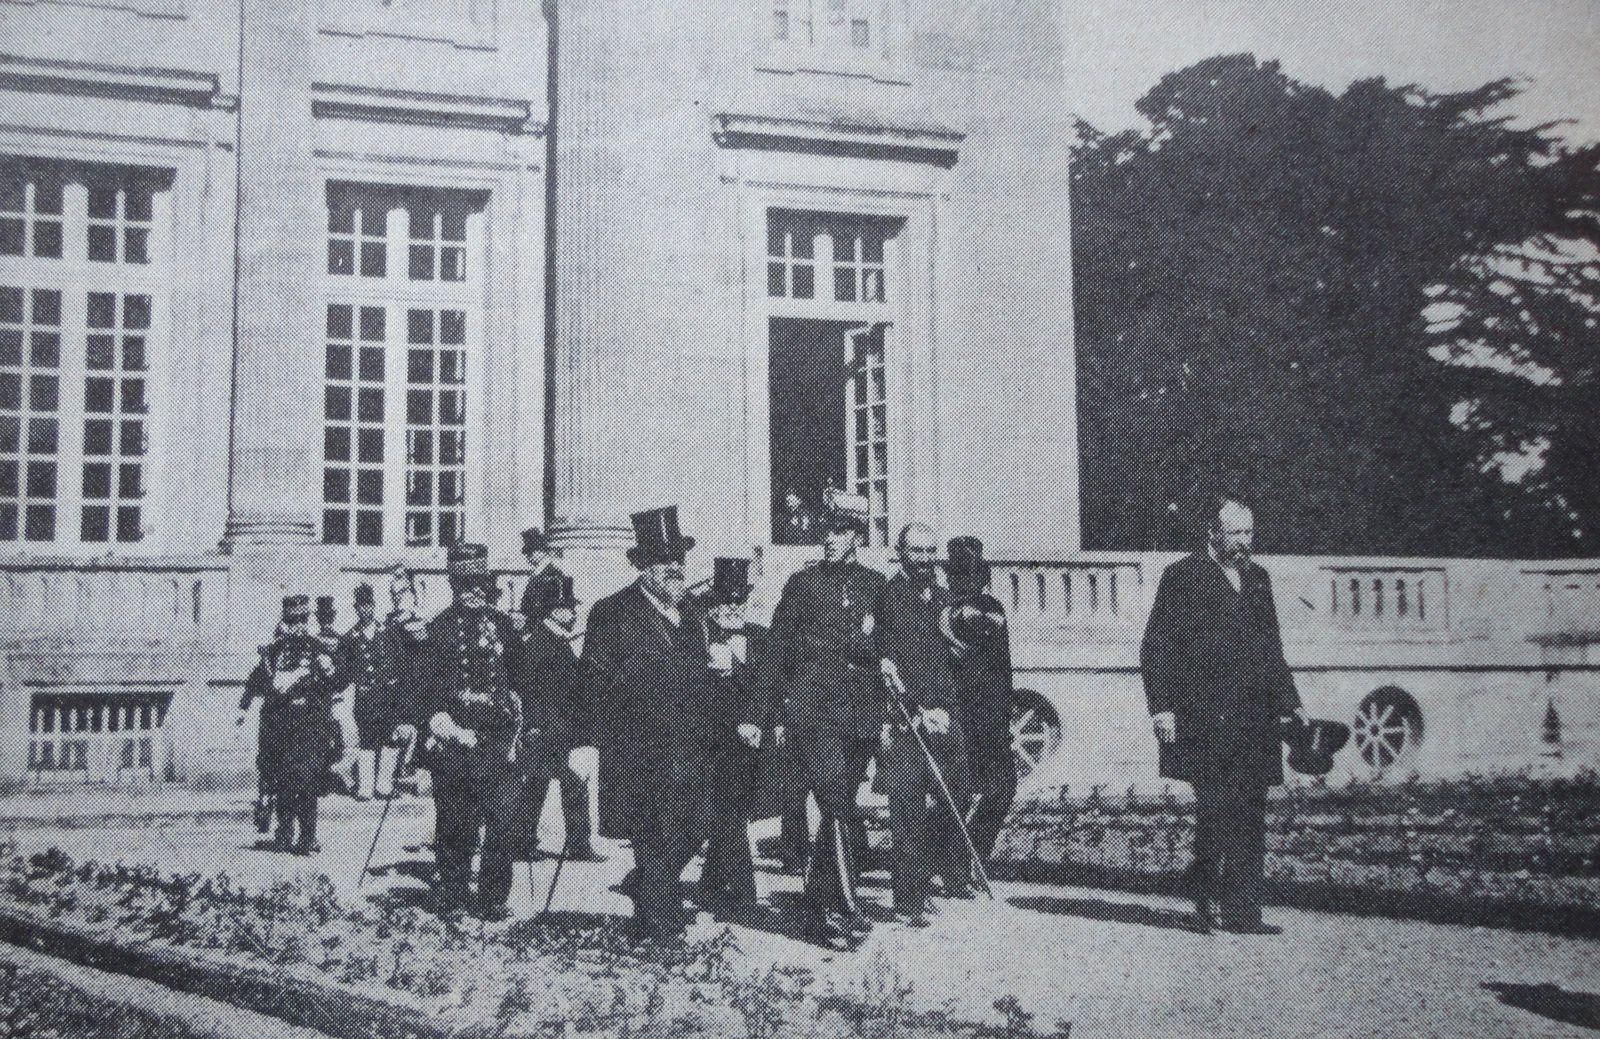 VISITE D'ALPHONSE XIII AU PETIT TRIANON EN 1905. PIERRE DE NOLHAC EST A LA GAUCHE DU ROI.